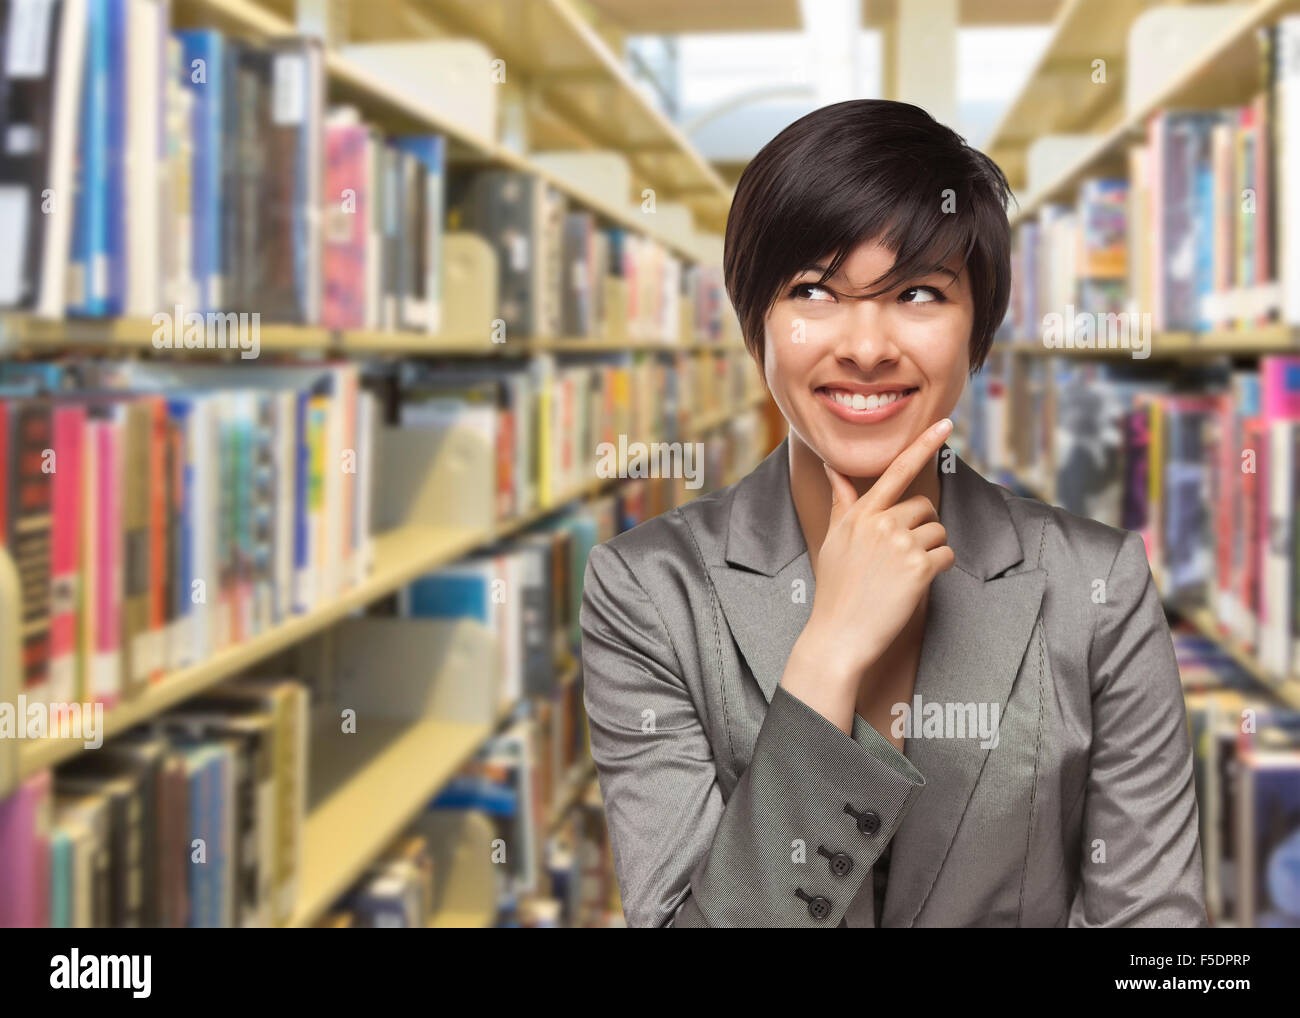 Curioso razza mista ragazza guardando al lato nella libreria. Immagini Stock